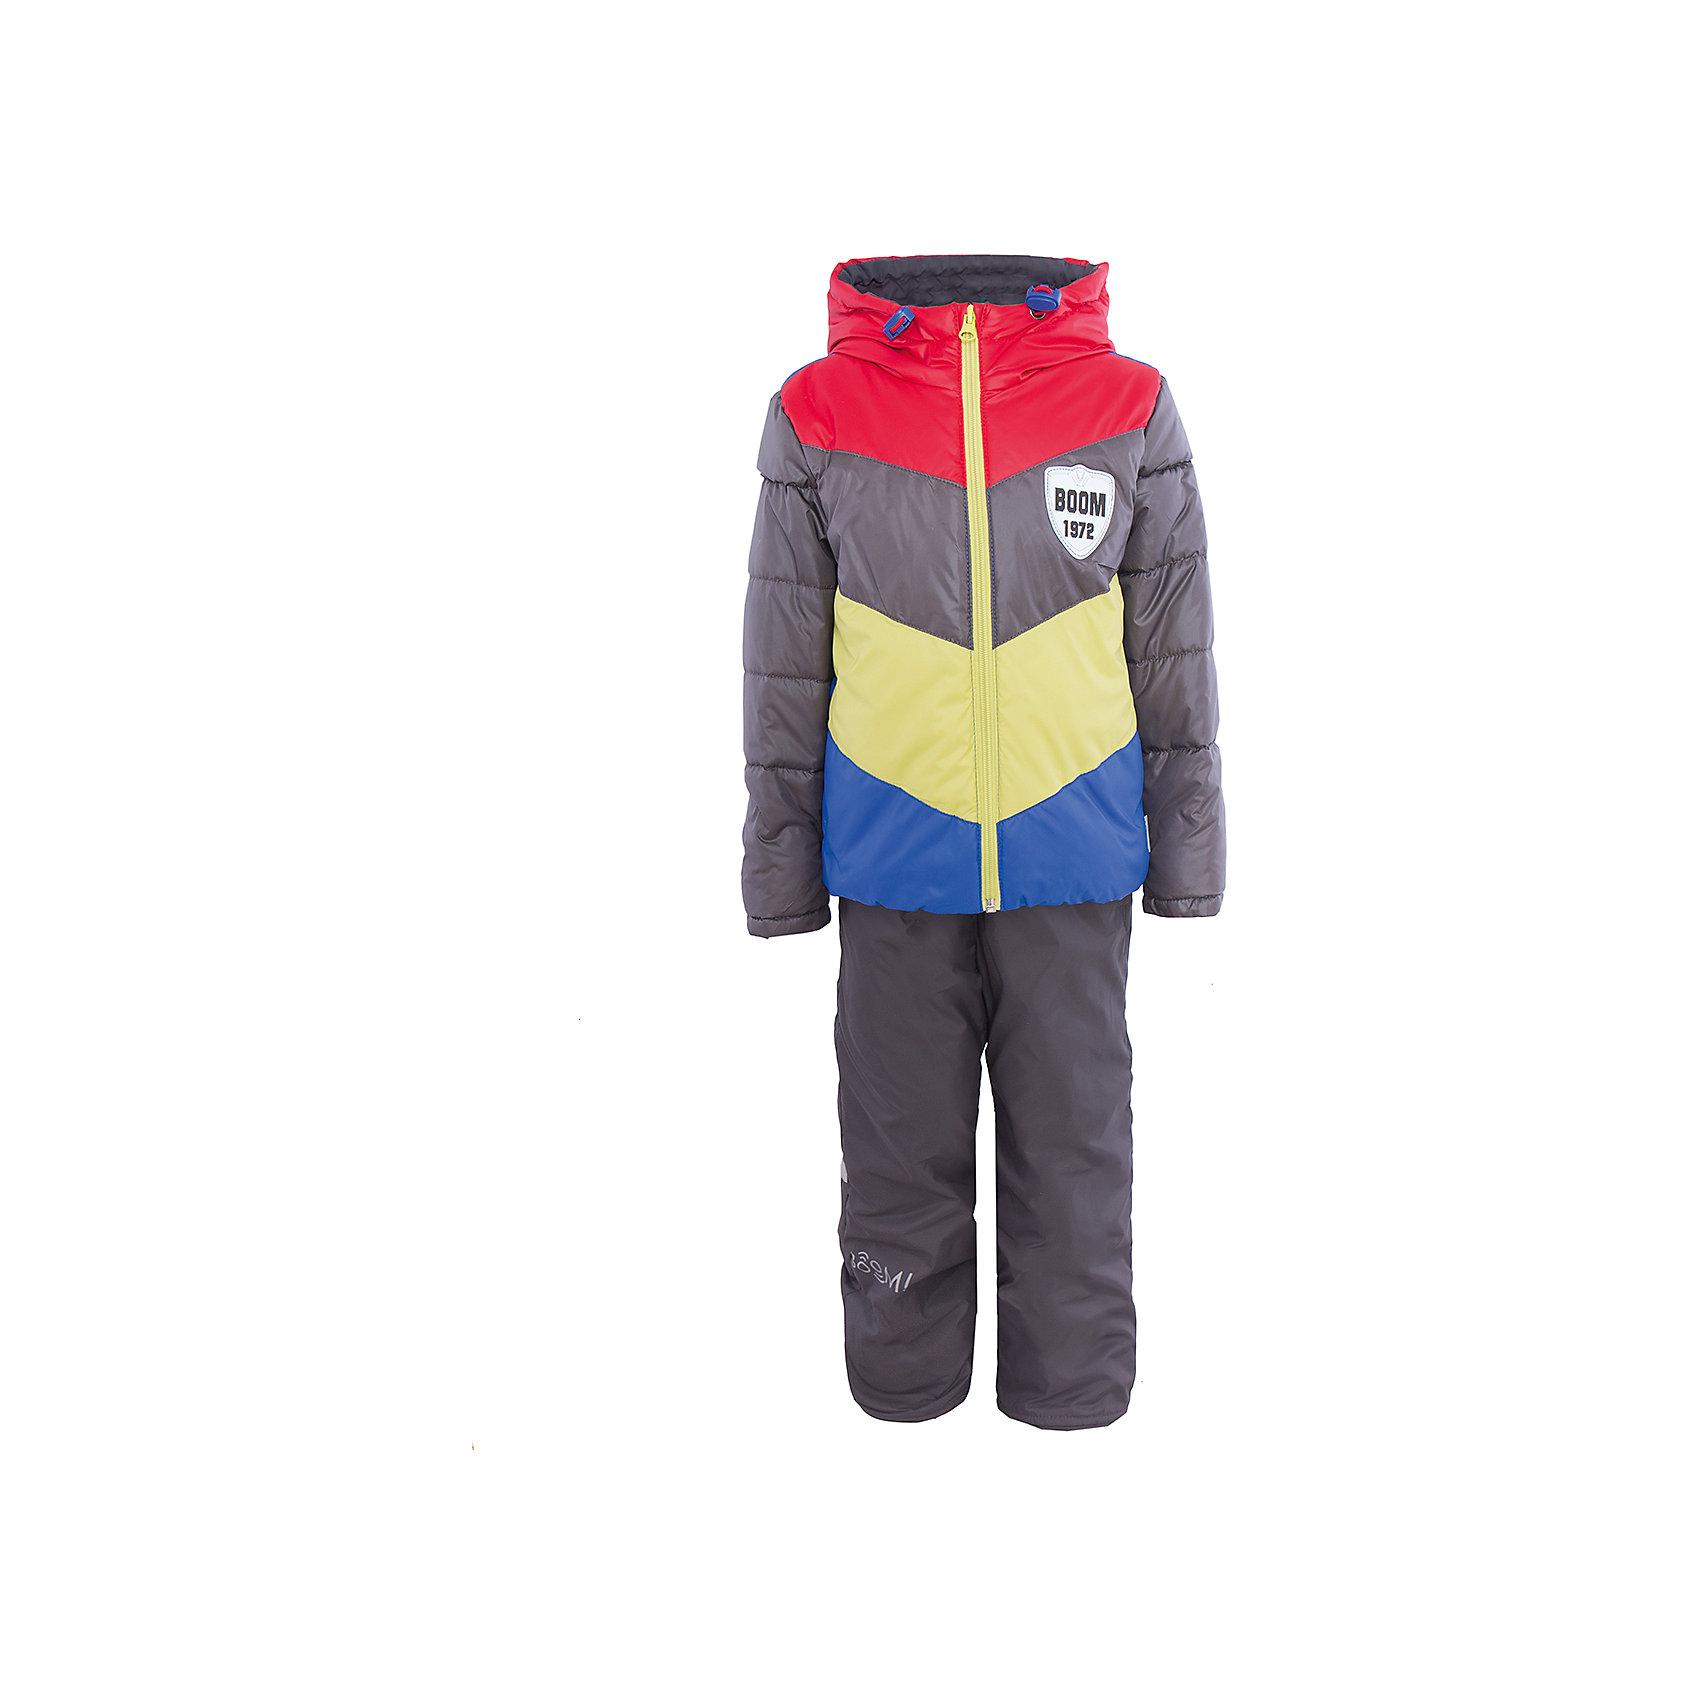 Комплект для мальчика BOOM by OrbyВерхняя одежда<br>Характеристики товара:<br><br>• цвет: серый/красный/желтый/синий<br>• состав: <br>курточка: верх - болонь, подкладка - поликоттон, полиэстер, утеплитель: эко-синтепон 150 г/м2<br>брюки: верх - таффета, подкладка - флис<br>• комплектация: куртка, брюки<br>• температурный режим: от -5 С° до +10 С° <br>• из непромокаемой ткани, с водо и грязеотталкивающими пропитками<br>• капюшон с утяжкой, не отстёгивается<br>• застежка - молния<br>• куртка декорирована нашивкой<br>• отвороты помогают заметно трансформировать размер<br>• комфортная посадка<br>• страна производства: Российская Федерация<br>• страна бренда: Российская Федерация<br>• коллекция: весна-лето 2017<br><br>Такой комплект - универсальный вариант для межсезонья с постоянно меняющейся погодой. Эта модель - модная и удобная одновременно! Изделие отличается стильным ярким дизайном. Куртка и брюки хорошо сидят по фигуре, отлично сочетается с различной обувью. Модель была разработана специально для детей.<br><br>Одежда от российского бренда BOOM by Orby уже завоевала популярностью у многих детей и их родителей. Вещи, выпускаемые компанией, качественные, продуманные и очень удобные. Для производства коллекций используются только безопасные для детей материалы. Спешите приобрести модели из новой коллекции Весна-лето 2017! <br><br>Комплект для мальчика от бренда BOOM by Orby можно купить в нашем интернет-магазине.<br><br>Ширина мм: 356<br>Глубина мм: 10<br>Высота мм: 245<br>Вес г: 519<br>Цвет: красный<br>Возраст от месяцев: 12<br>Возраст до месяцев: 18<br>Пол: Мужской<br>Возраст: Детский<br>Размер: 104,92,98,110,116,86,122<br>SKU: 5343997